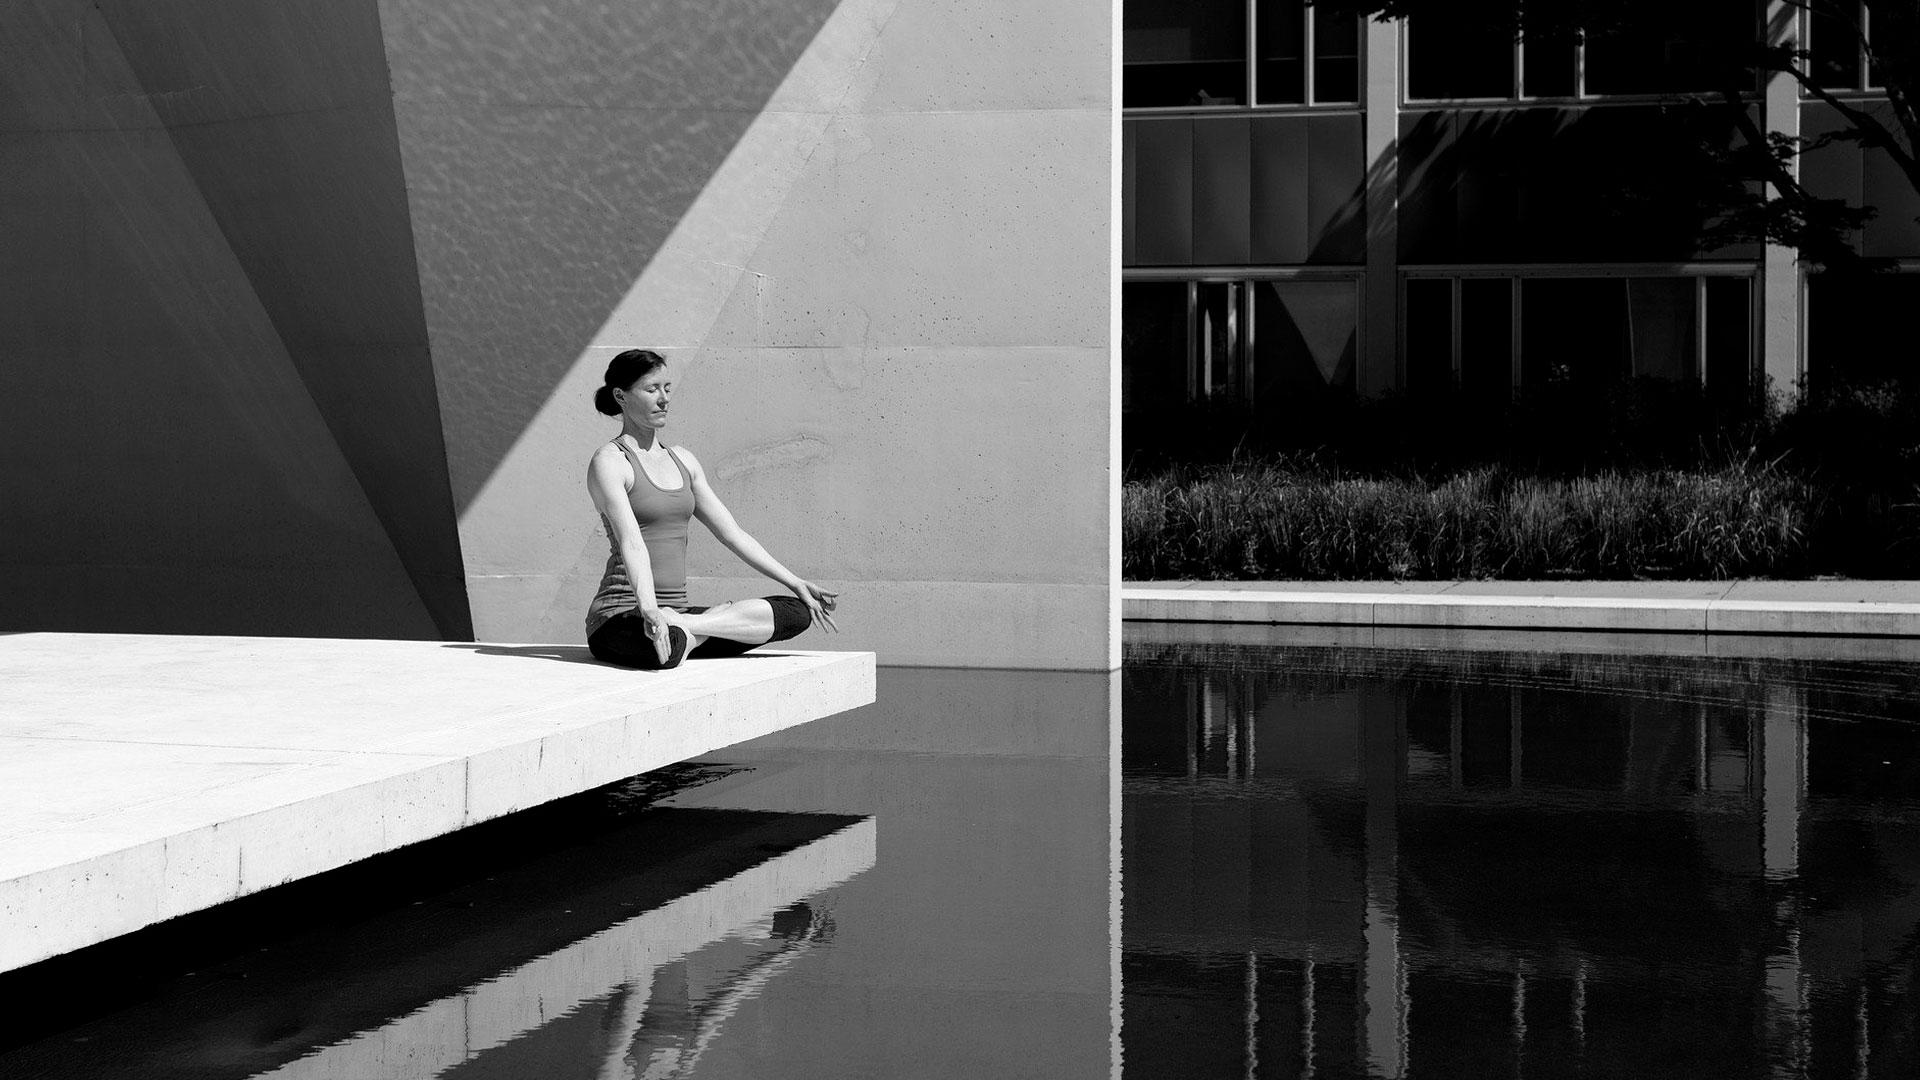 Imagen sobre meditación y relax